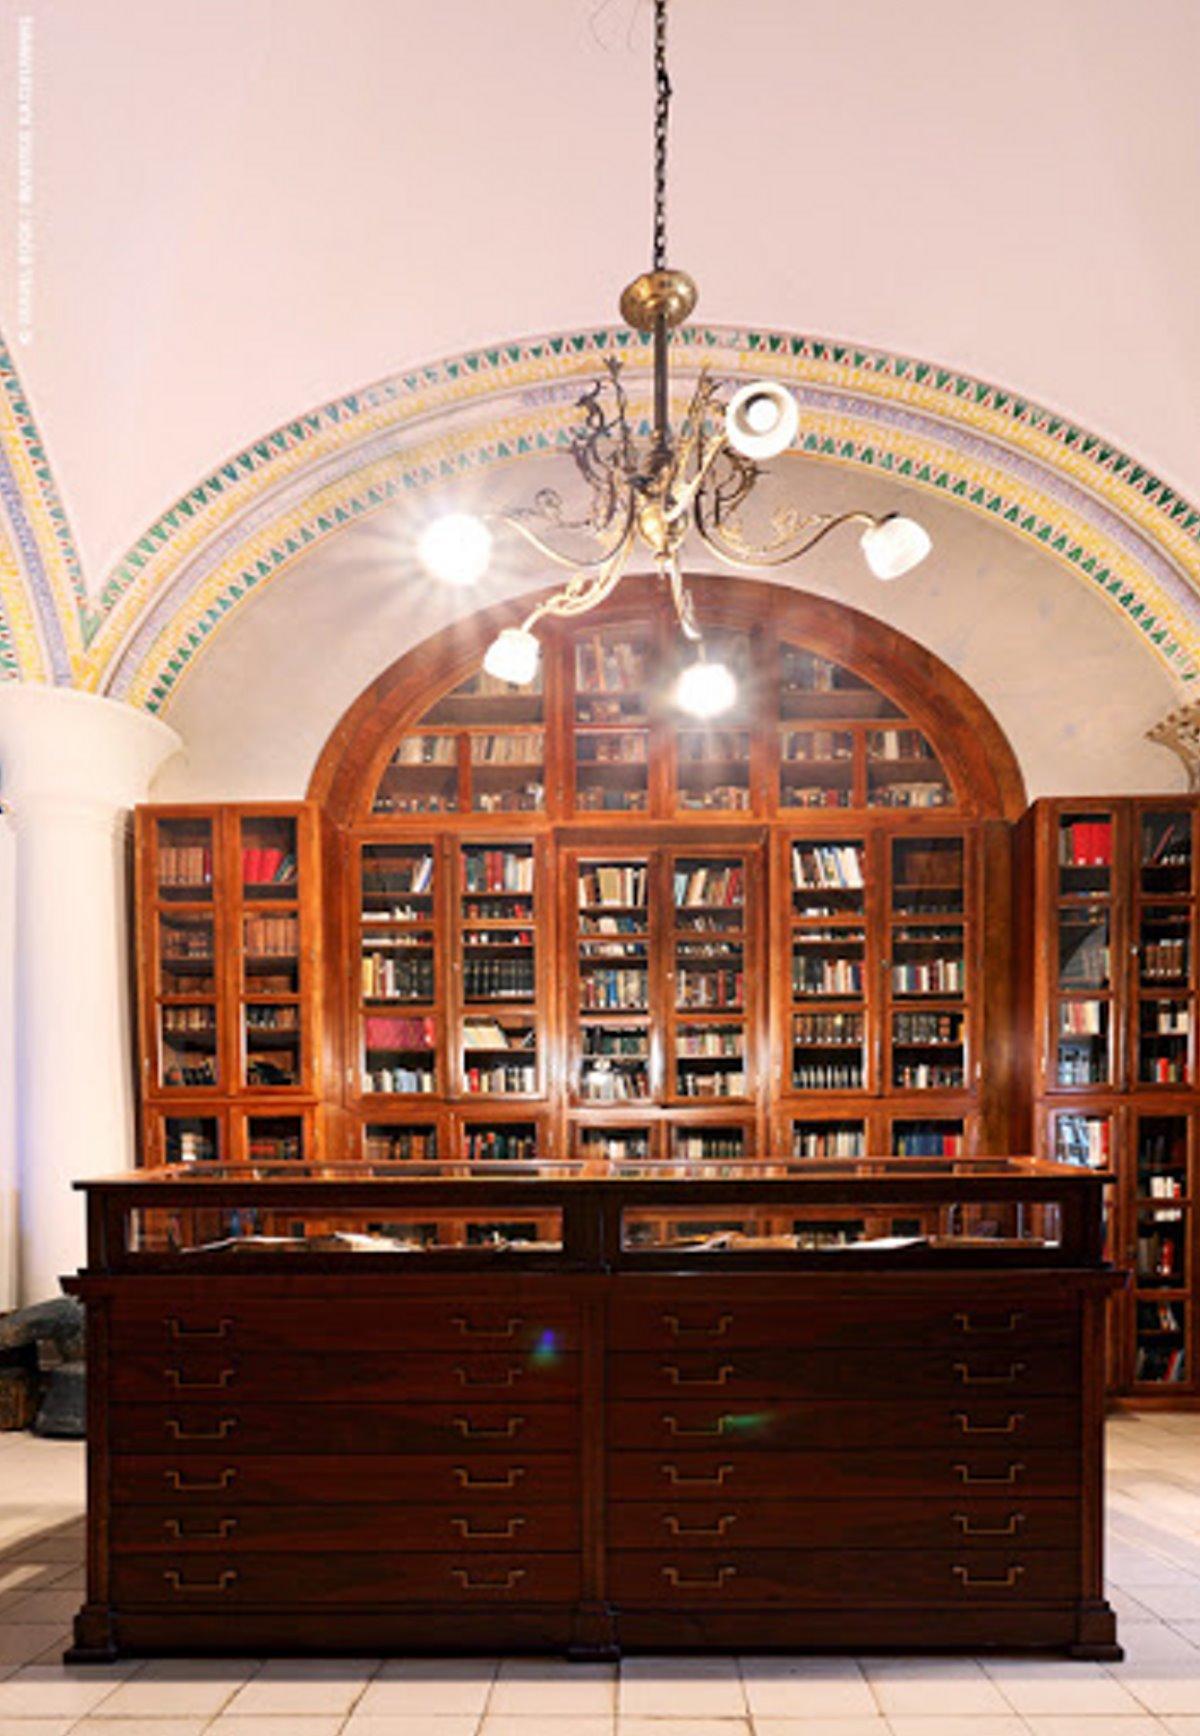 Η αρχαιότερη βιβλιοθήκη στην Ελλάδα